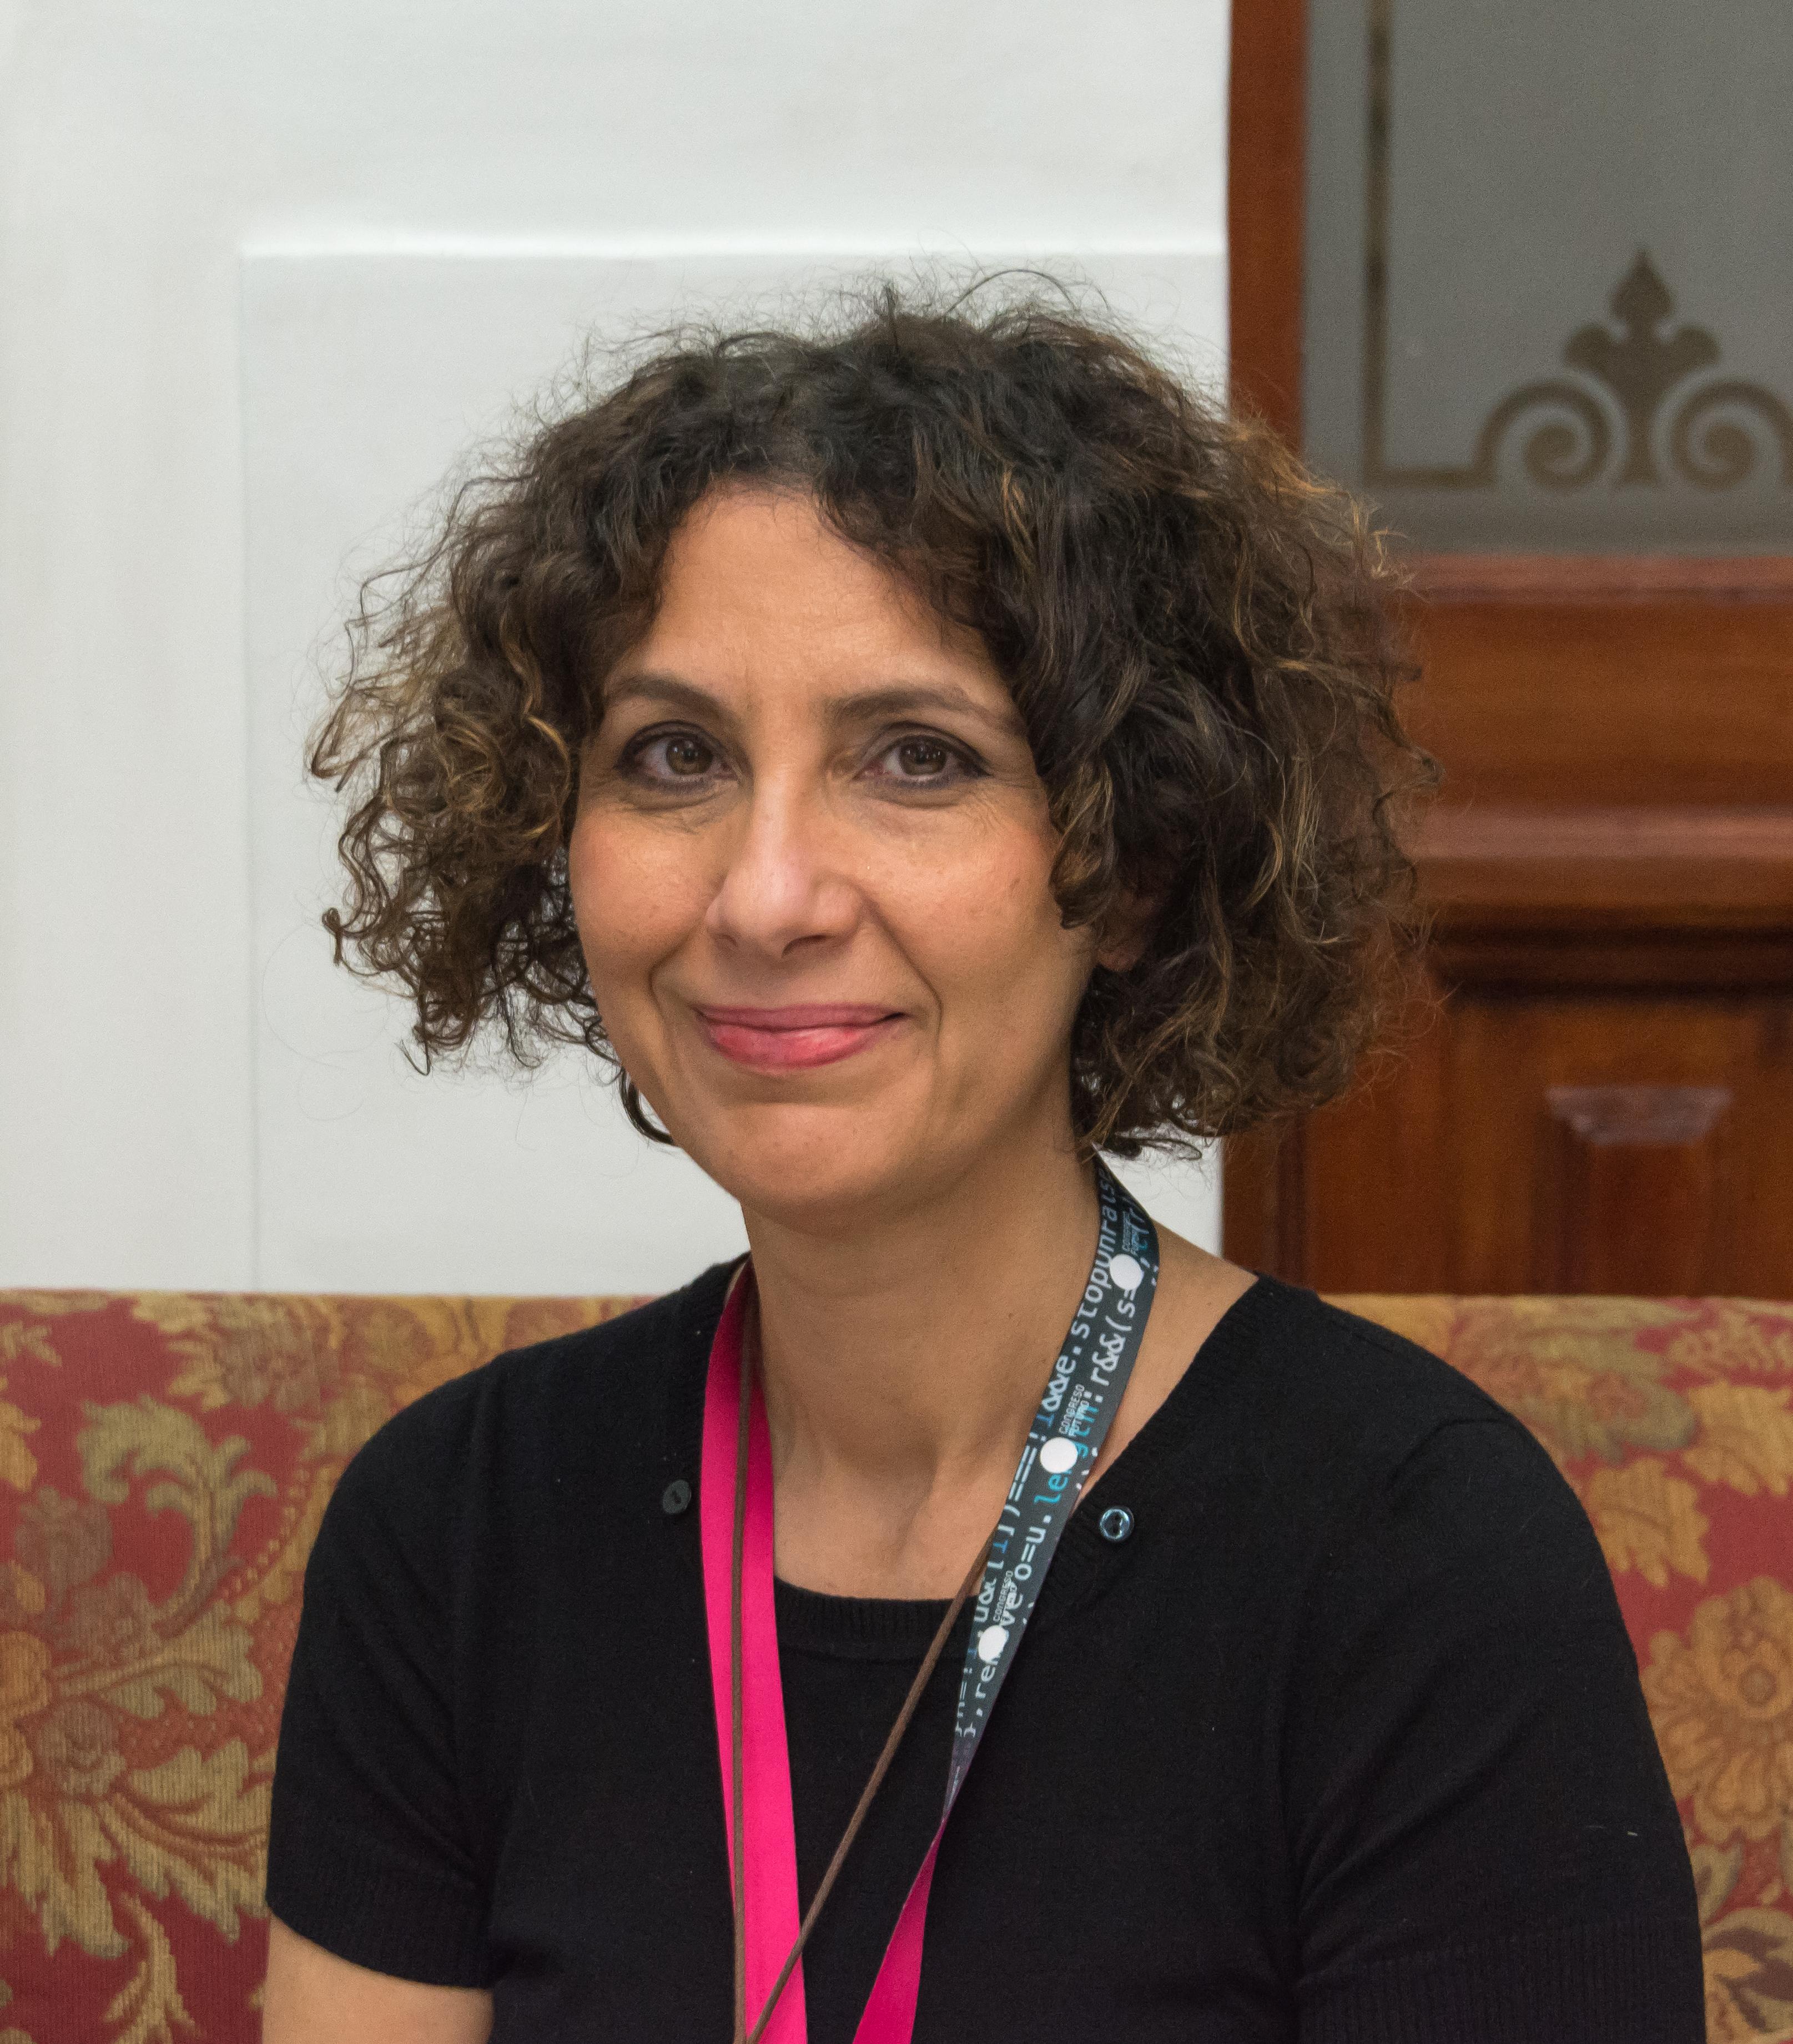 Tiziana Terranova - Wikipedia